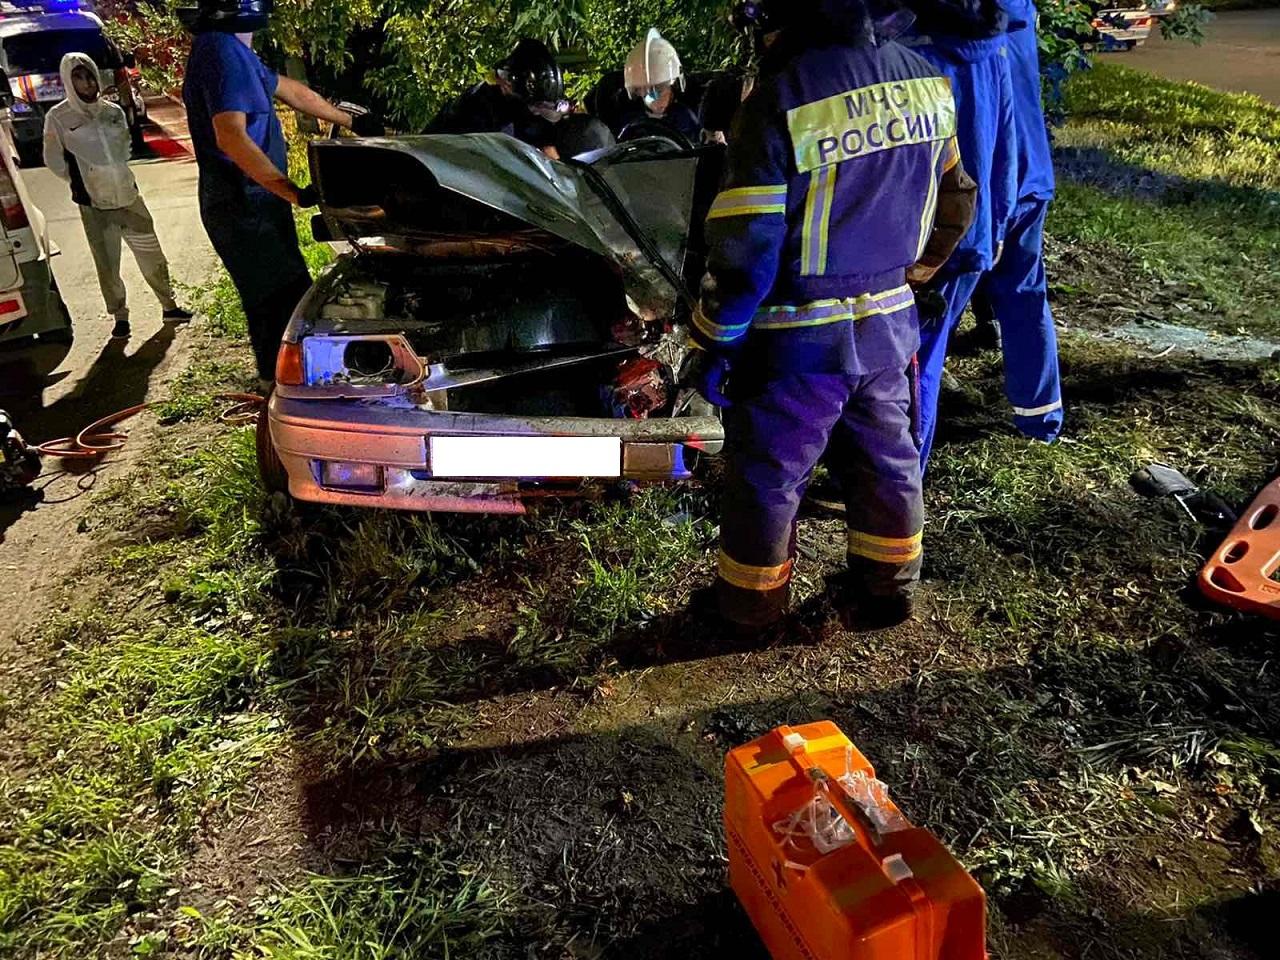 Пассажир в коме: автомобиль врезался в дерево в Челябинске ВИДЕО